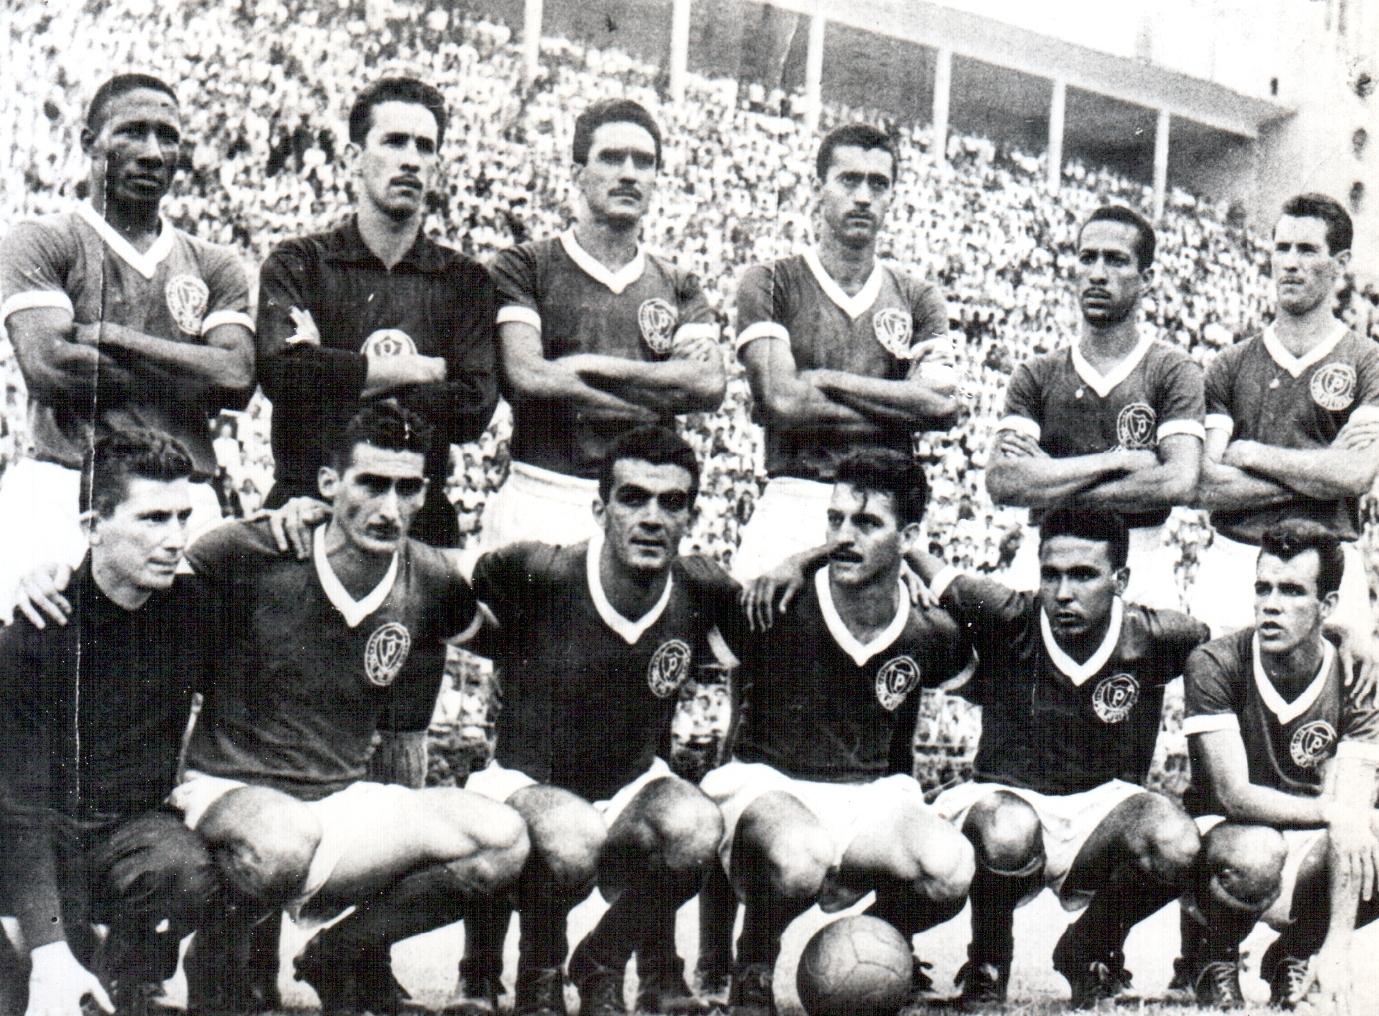 Acervo Histórico_Em 1959, o Palmeiras conquistou o Campeonato Paulista ao vencer o Santos de Pepe na final